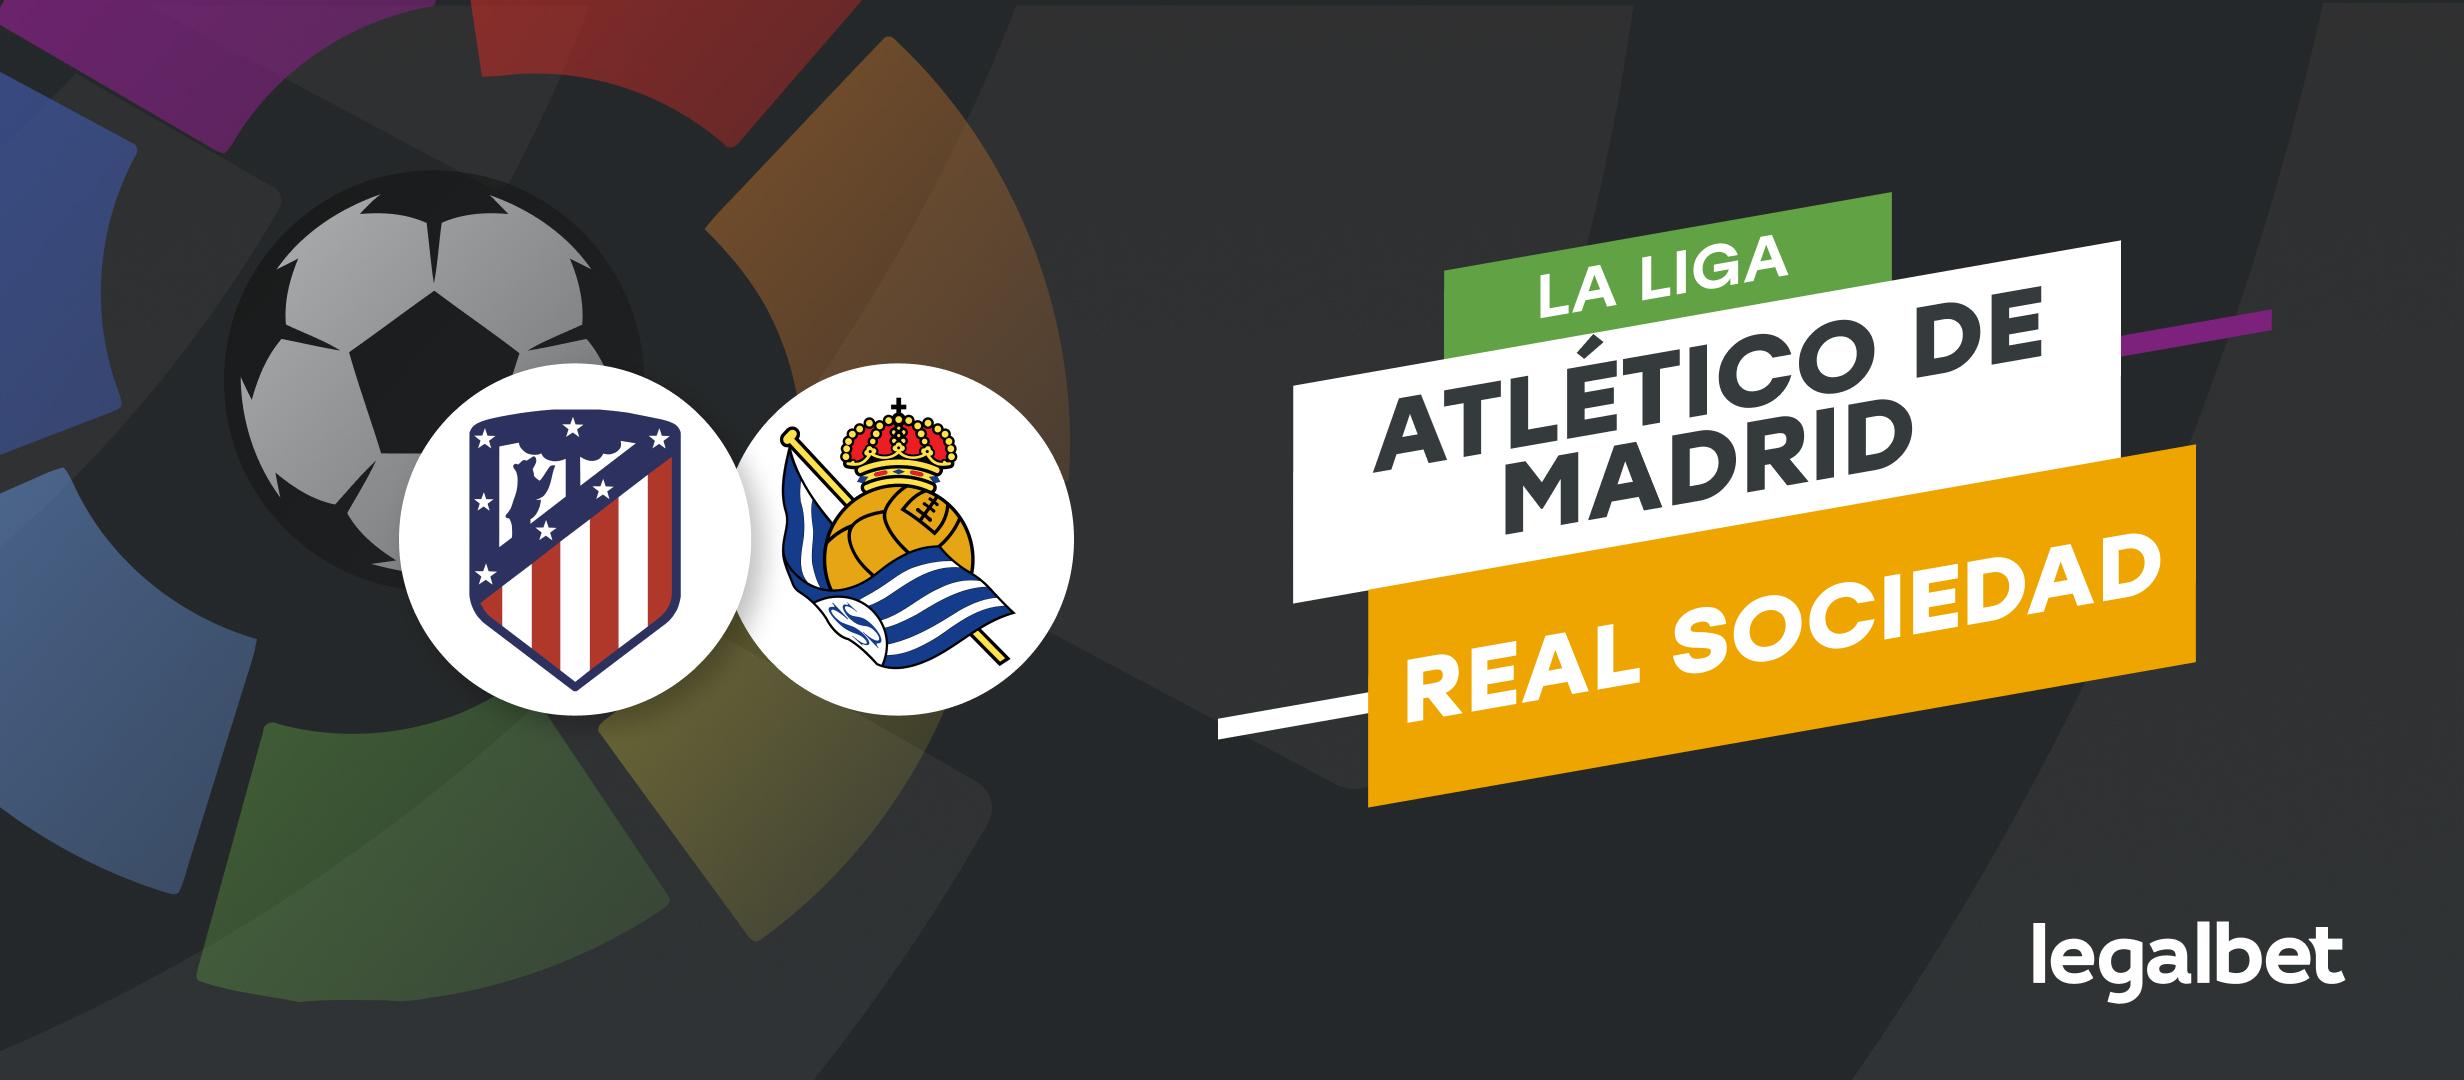 Apuestas y cuotas Atlético de Madrid - Real Sociedad, La Liga 2021/22